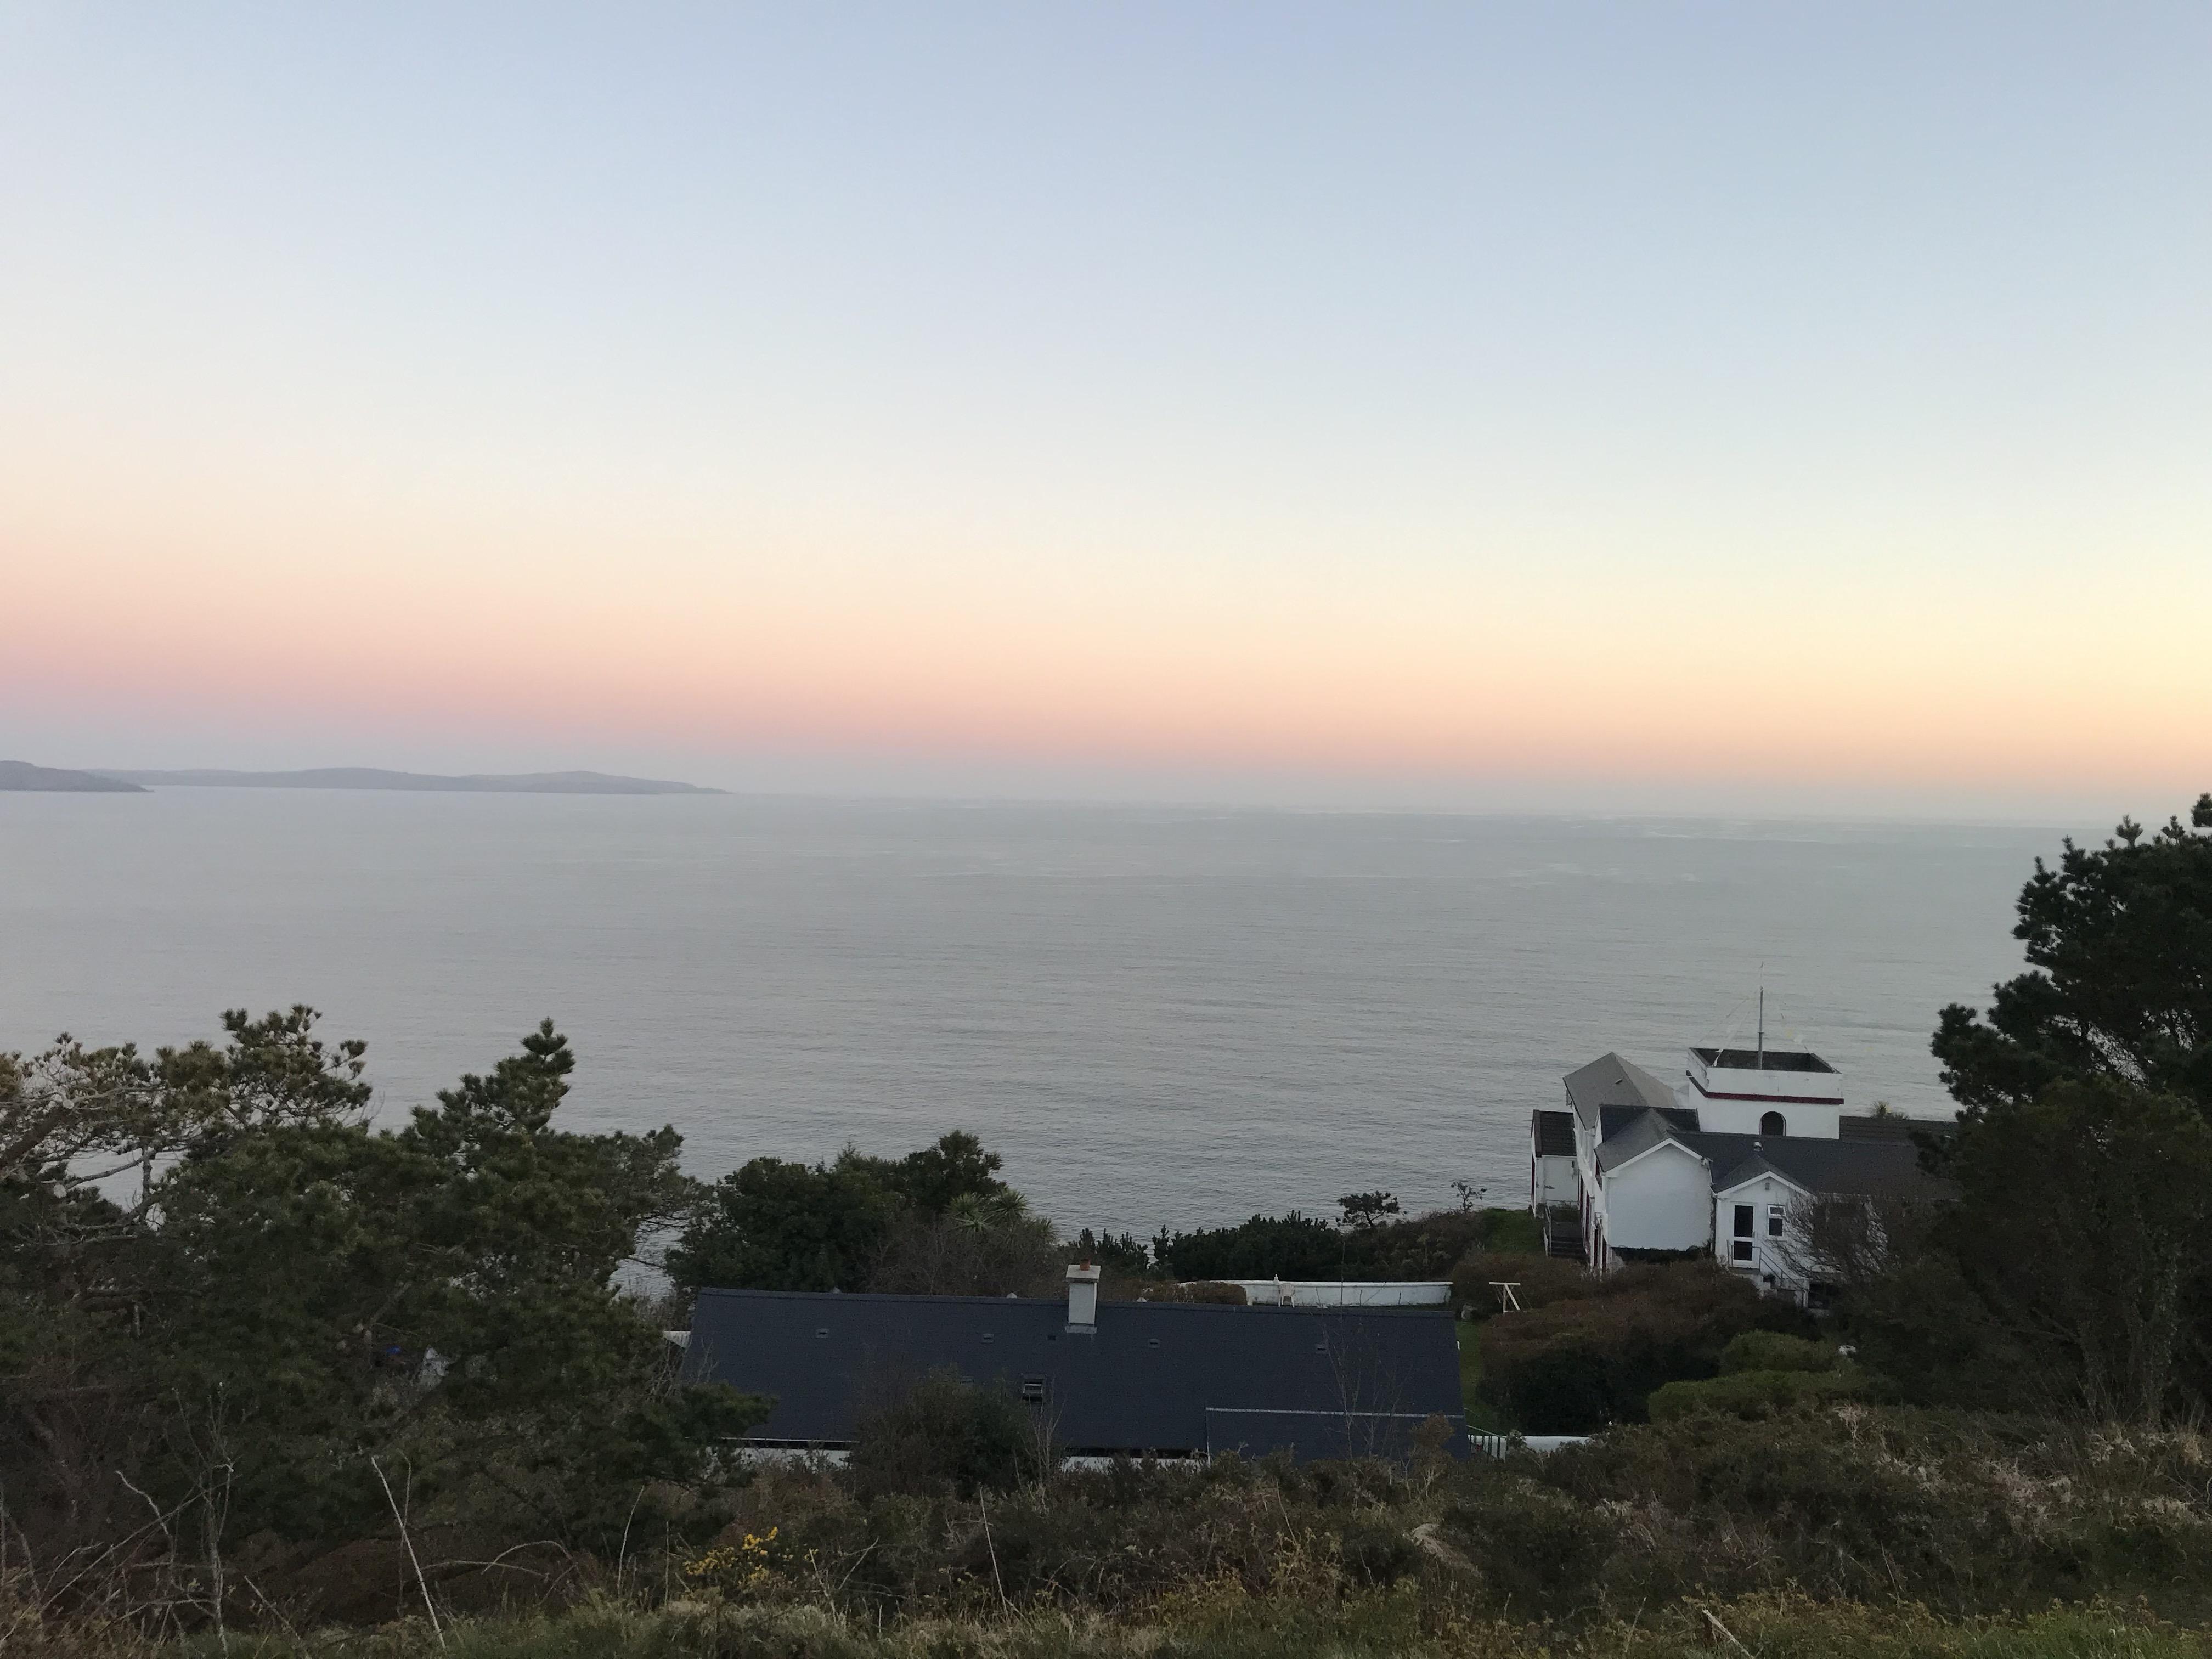 Dusk on the cliffs of cork Ireland